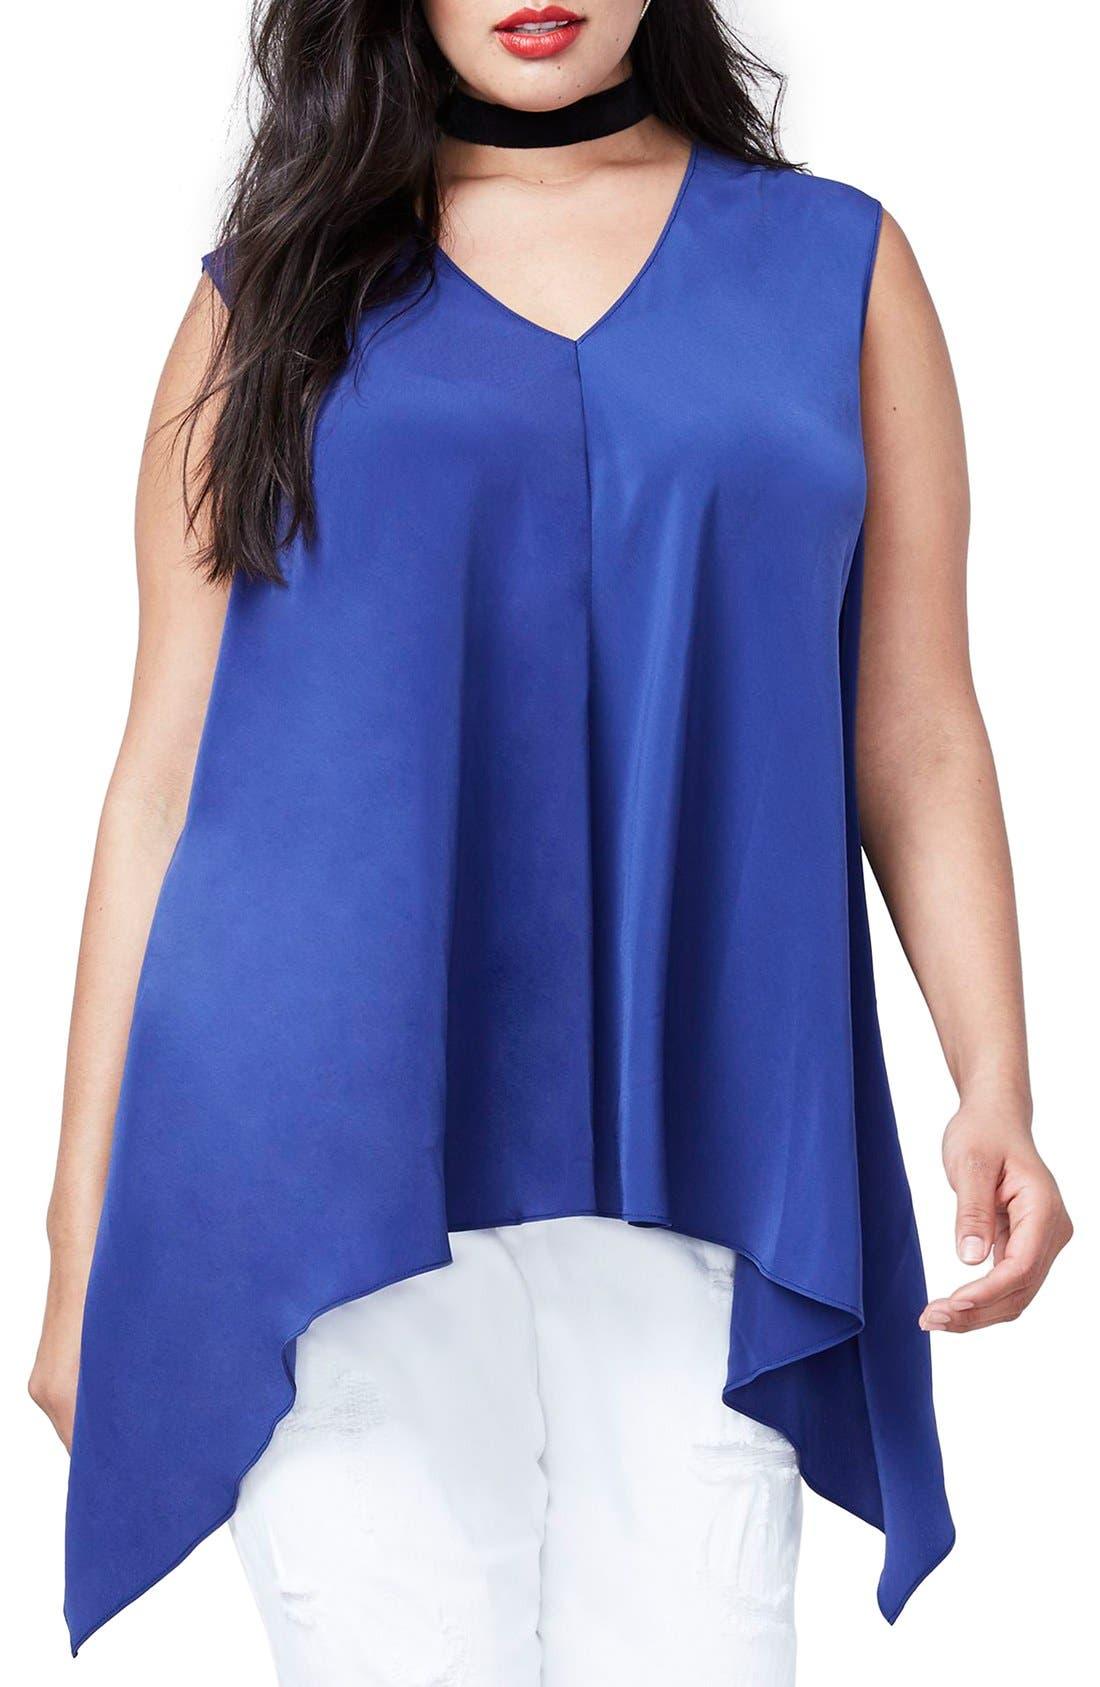 Main Image - RACHEL Rachel Roy Side Drape Top (Plus Size)